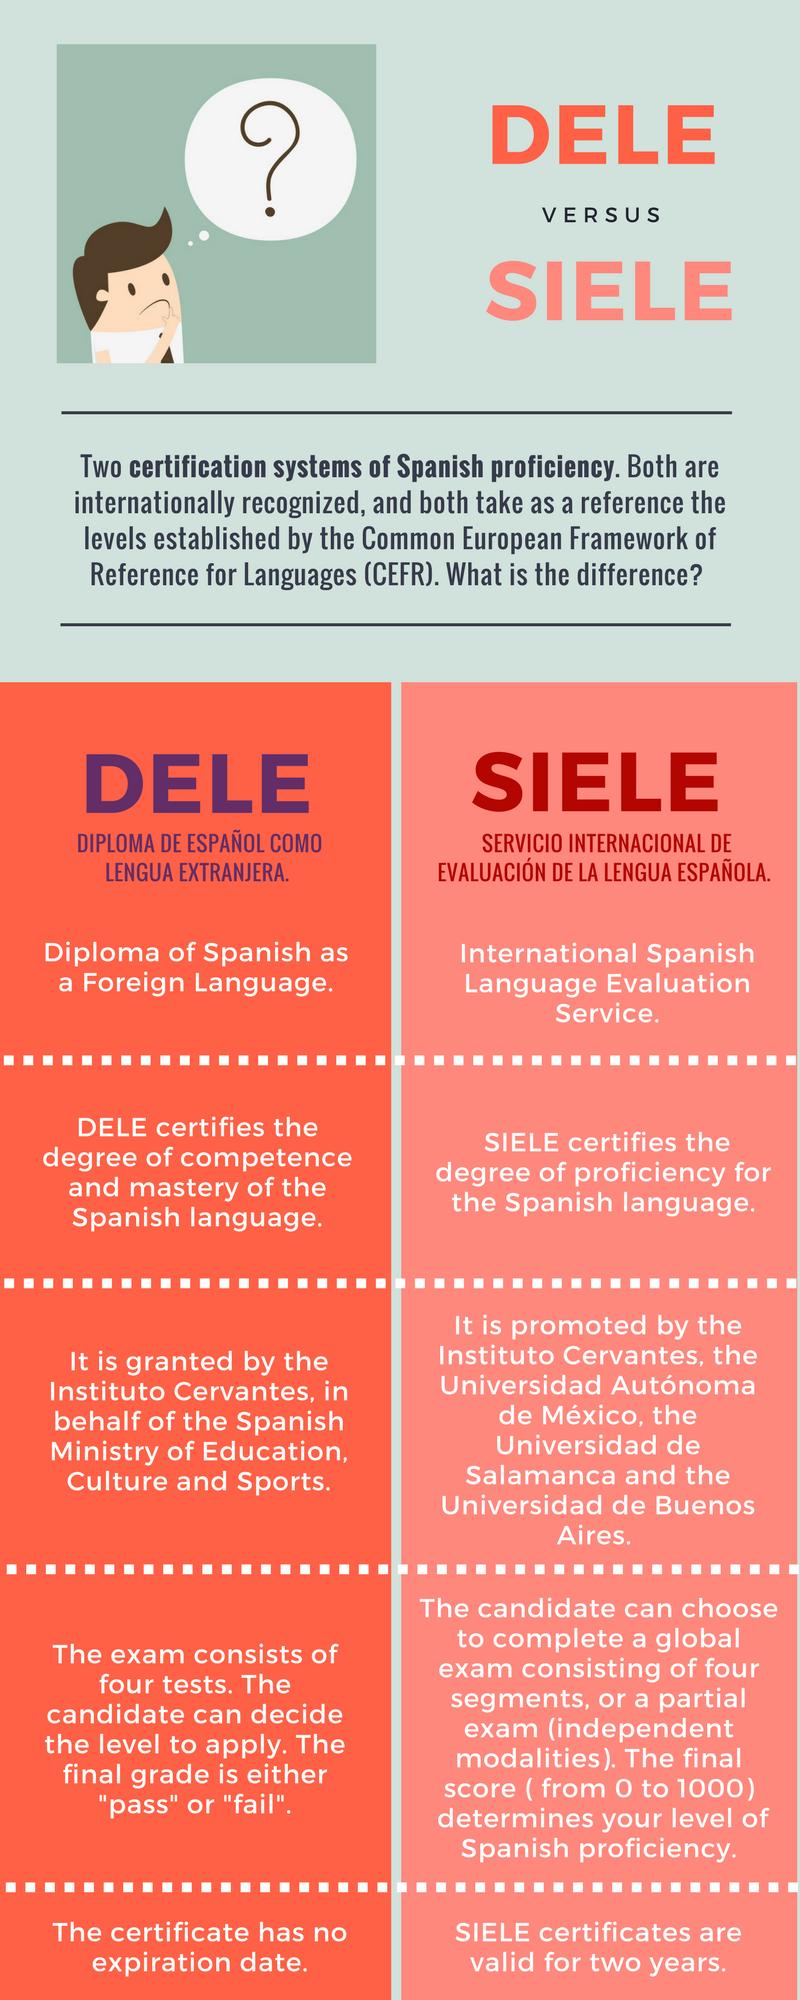 DELE vs SIELE